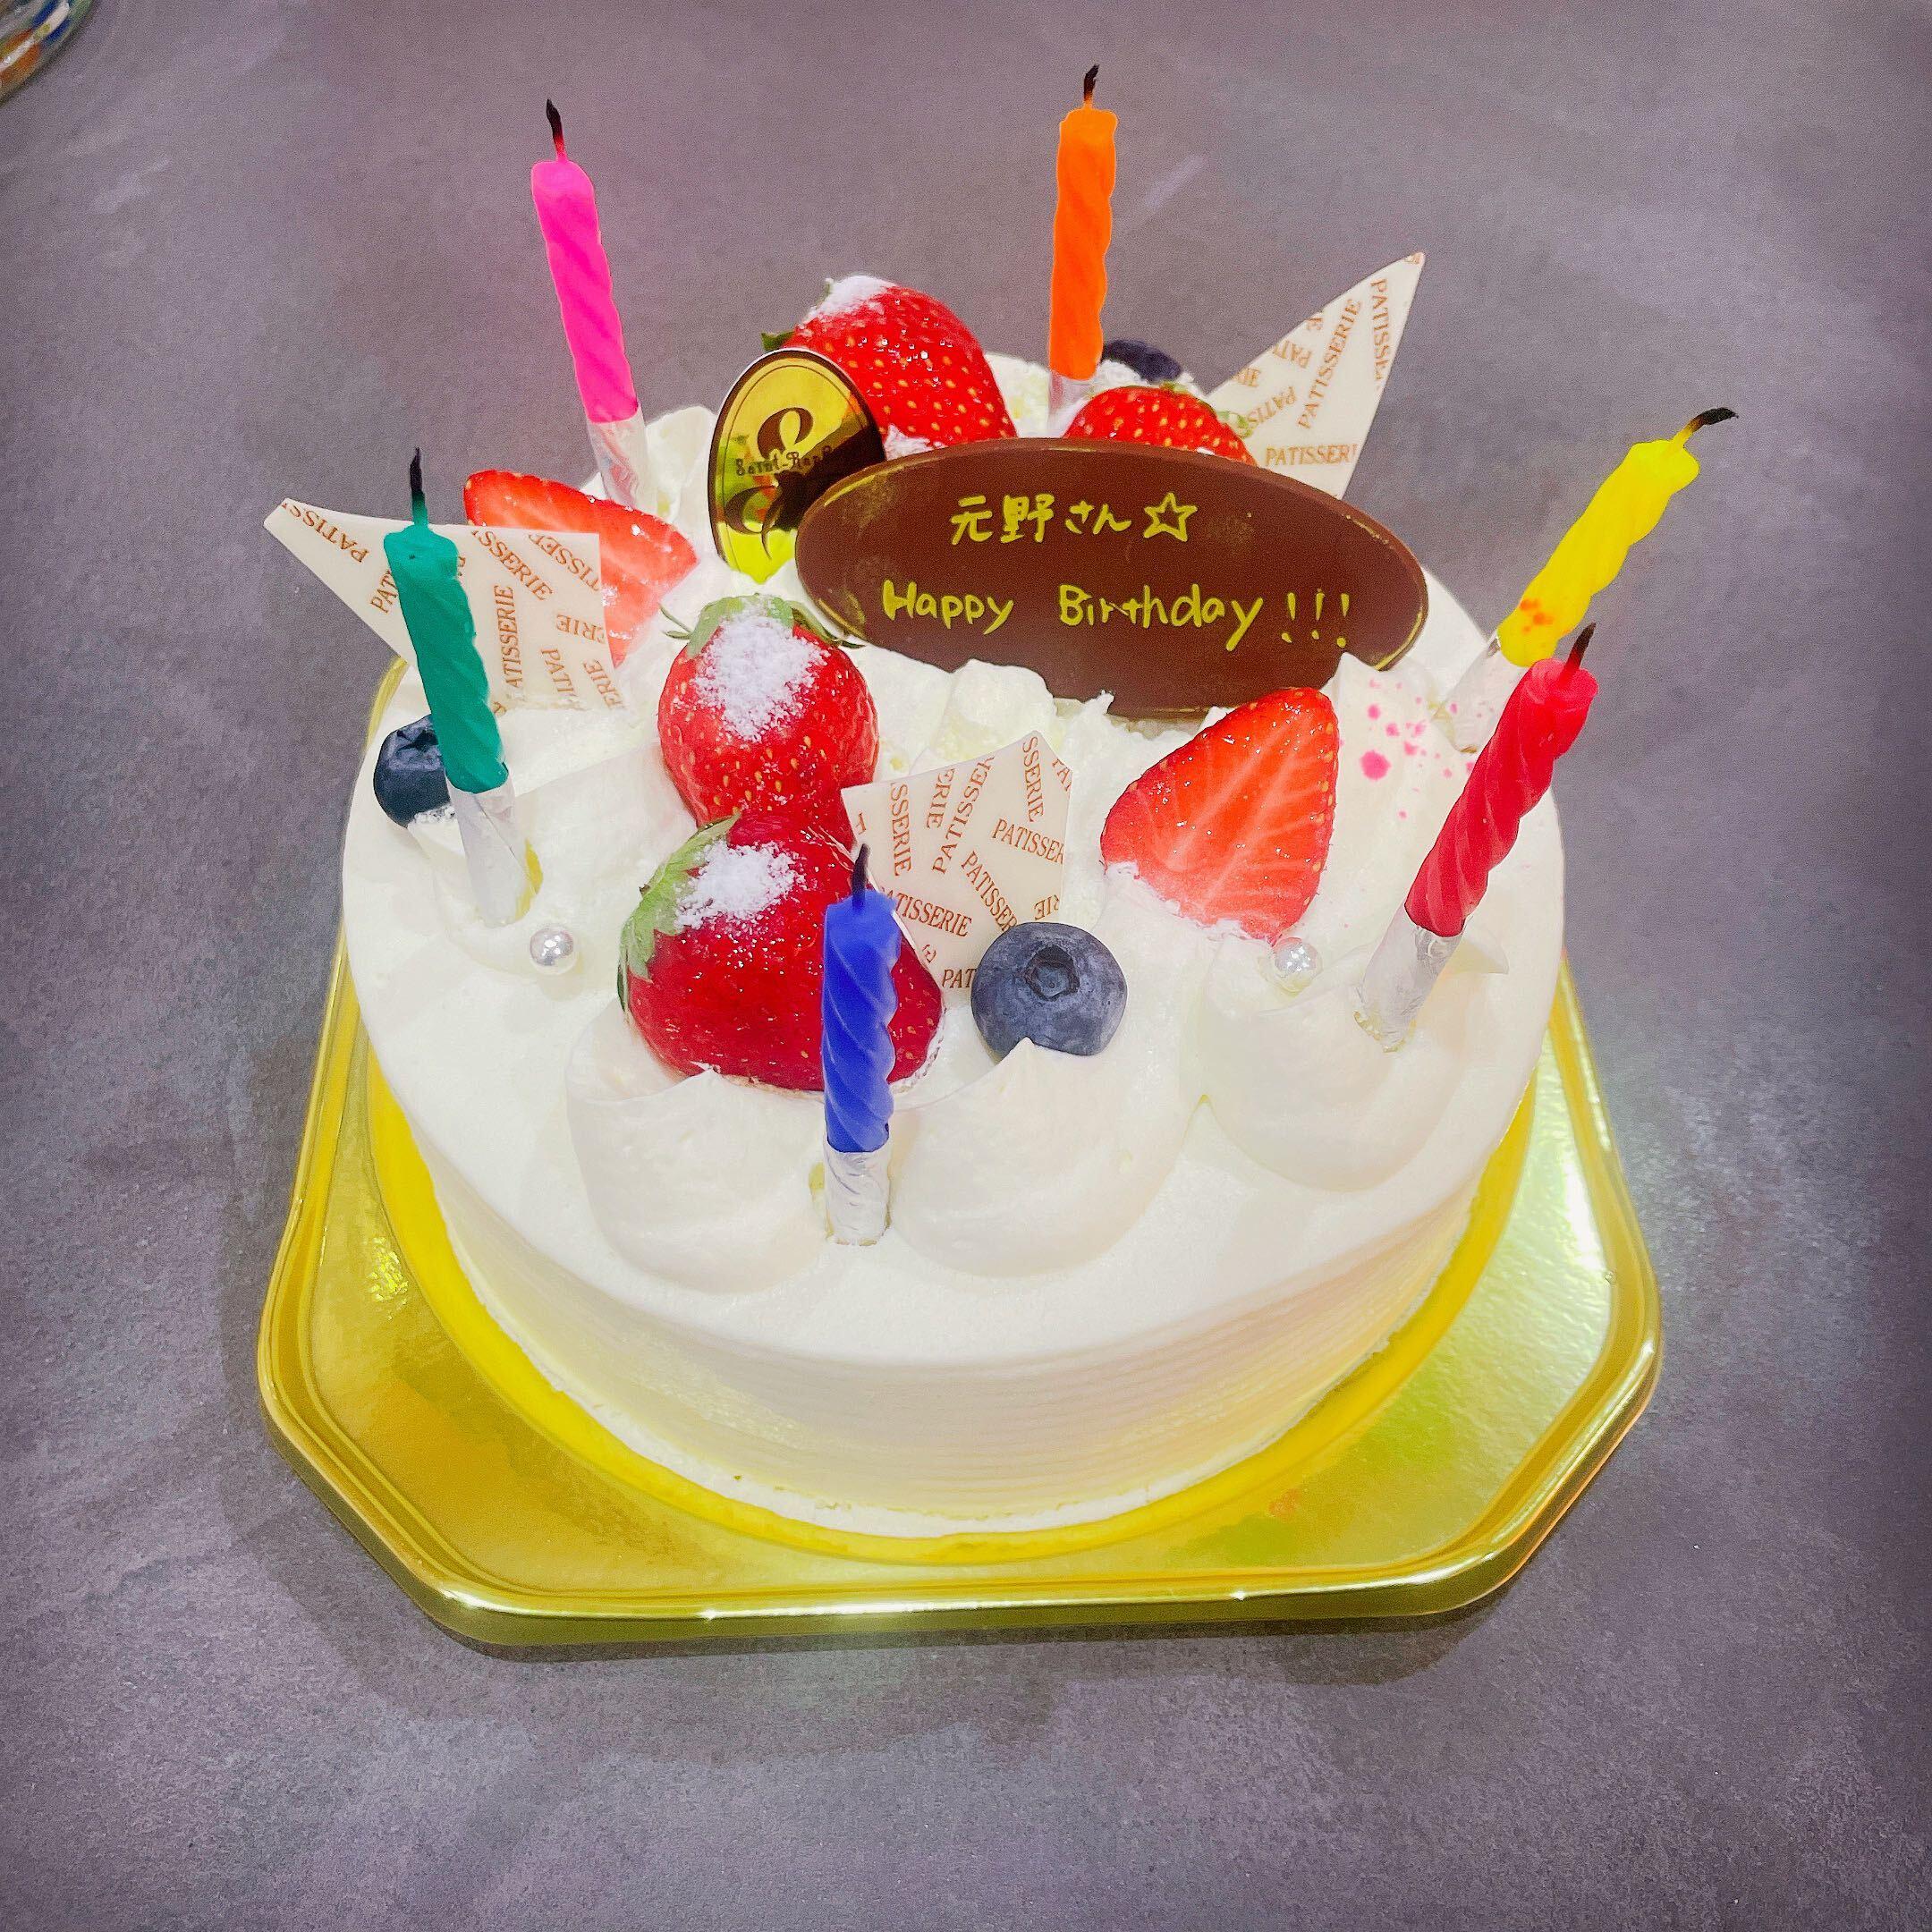 誕生日ケーキのサプライズの様子